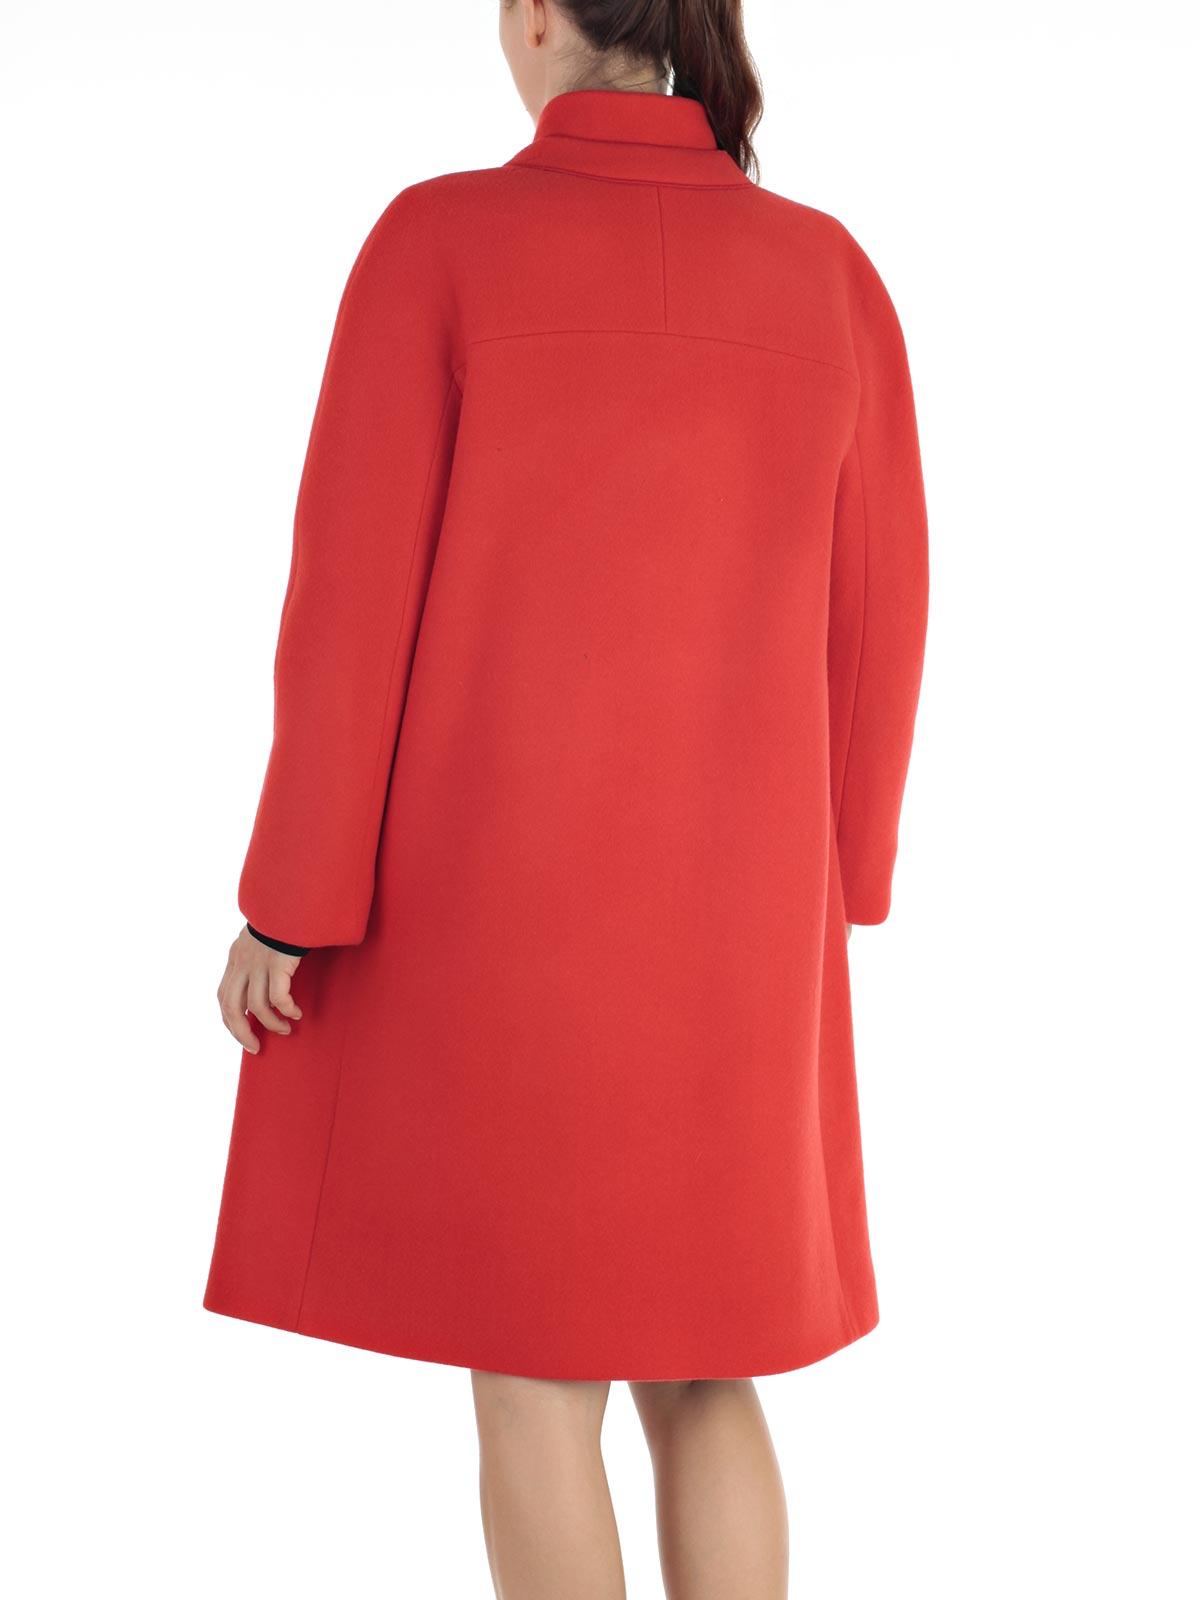 Mantu Coat Ag8016 G02 707 Red Bernardelli Store Online